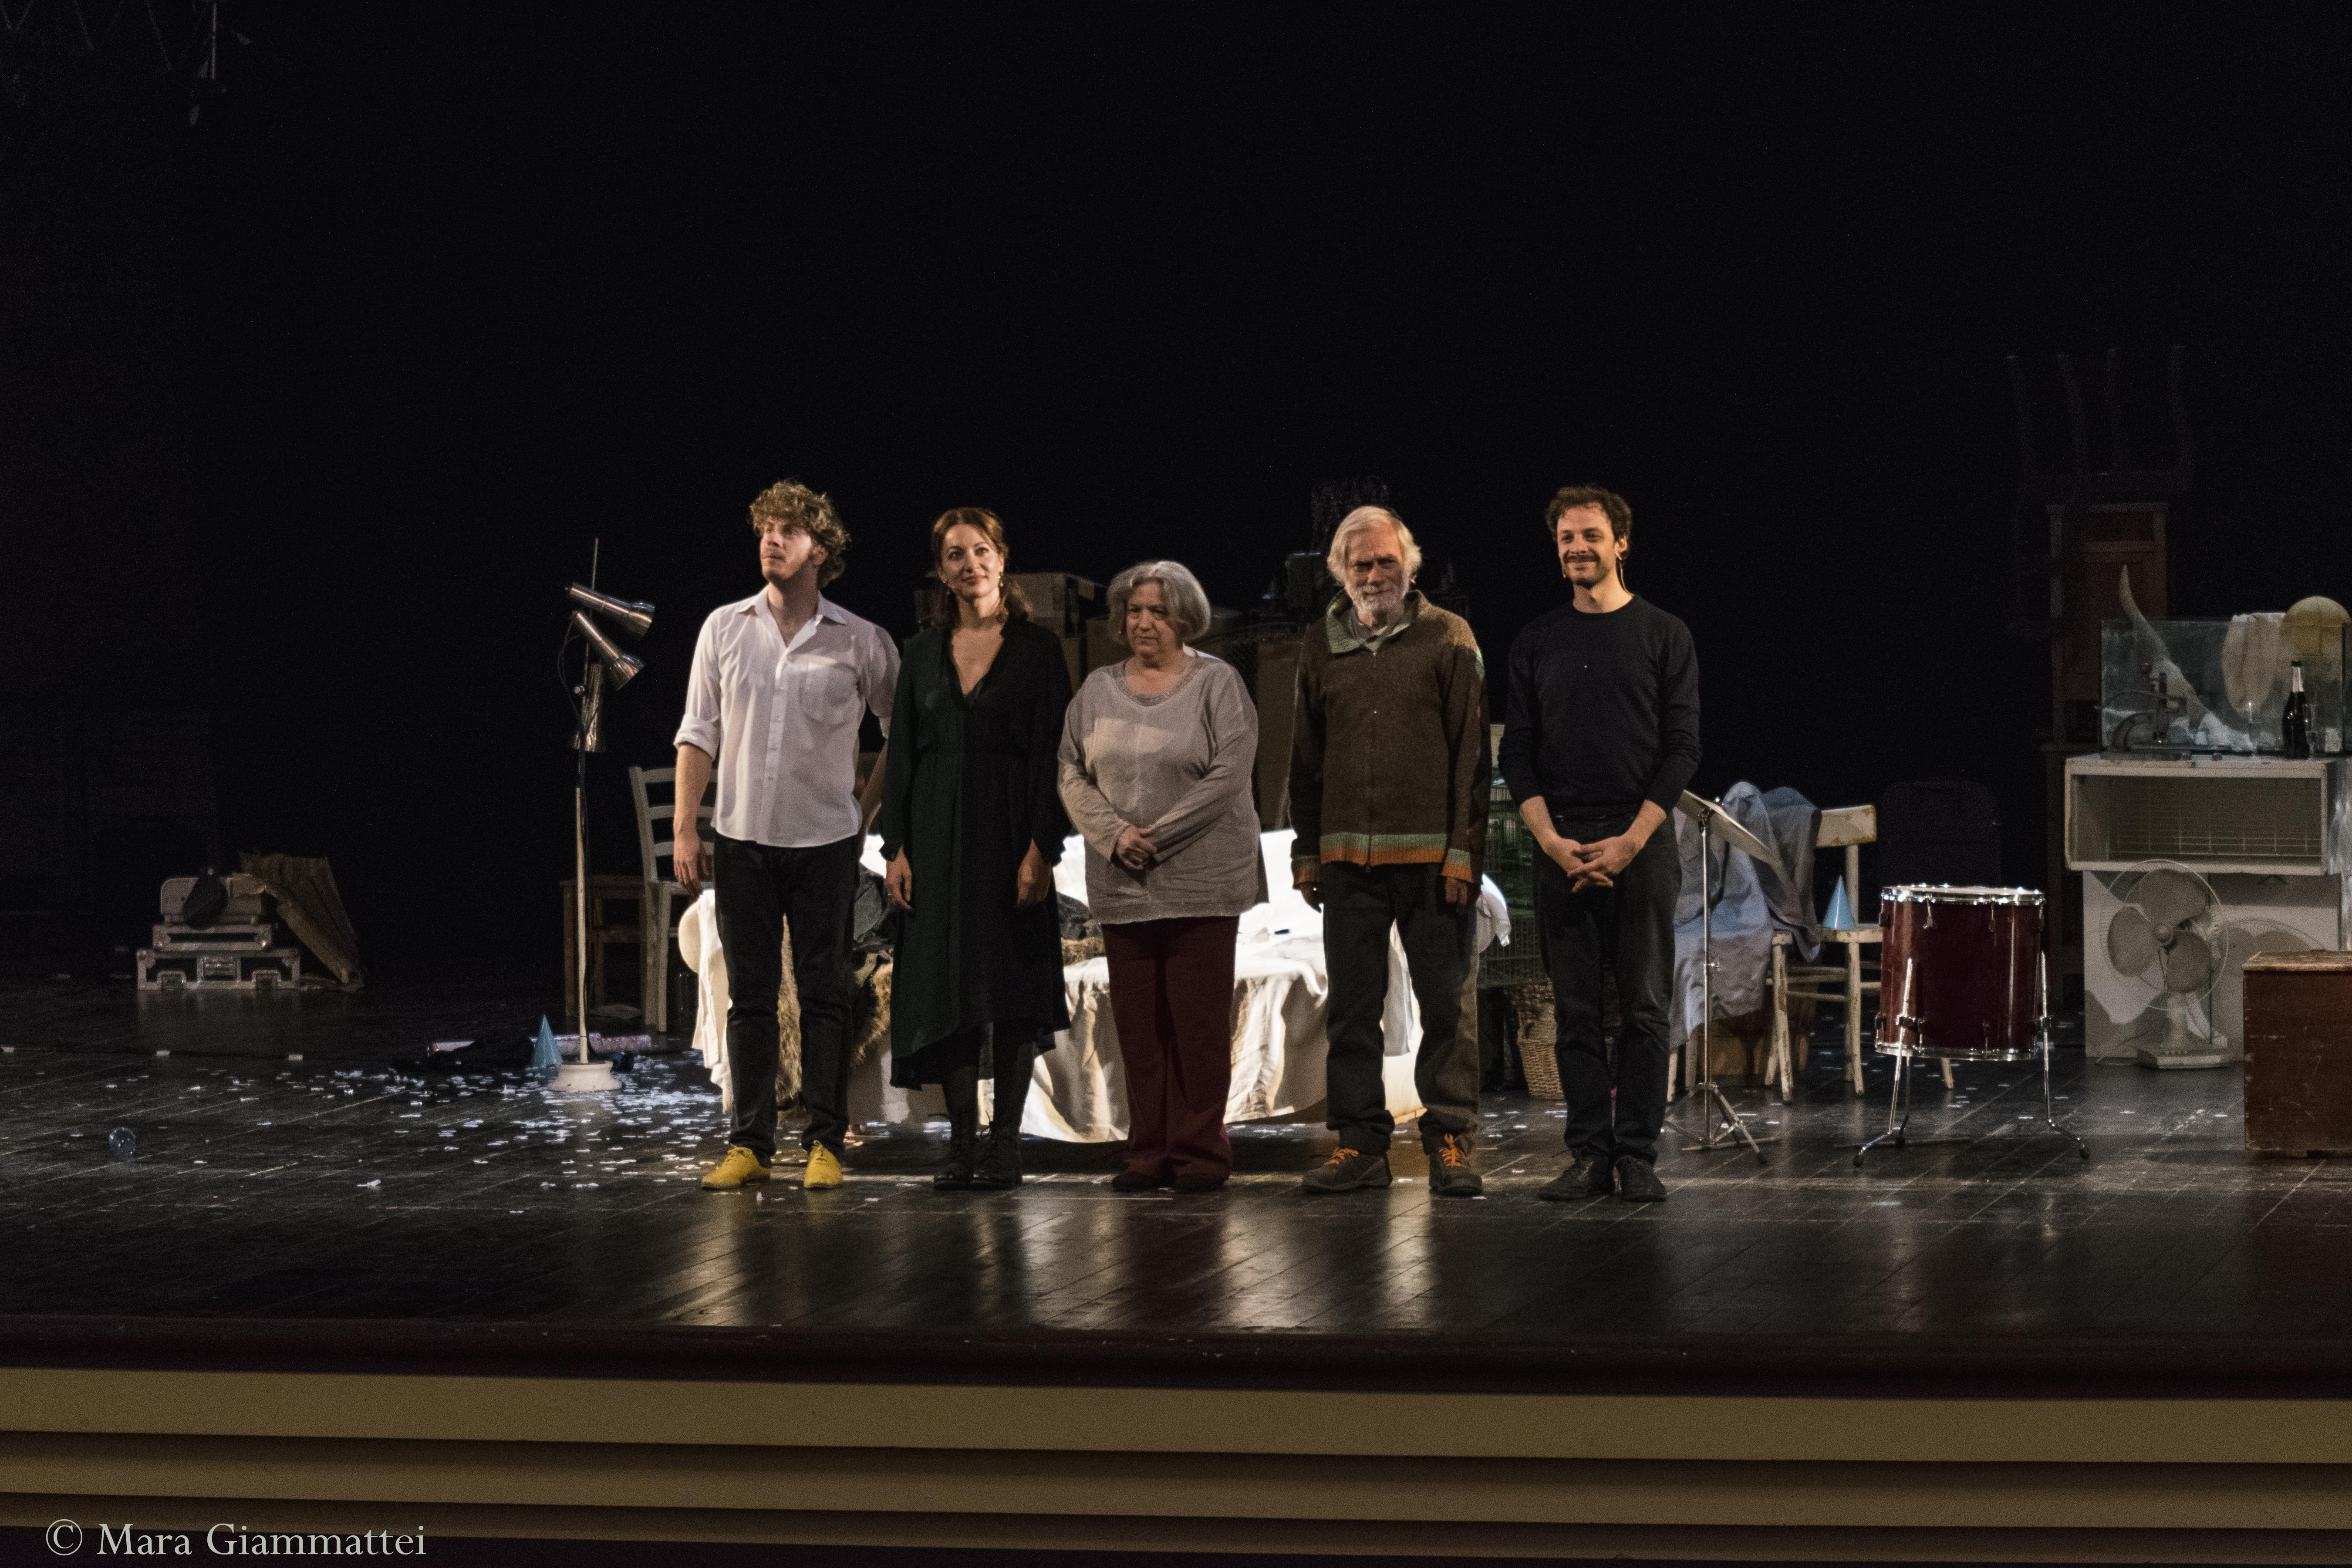 Diario del Festival dello Spettatore 2019 / Giorno 4